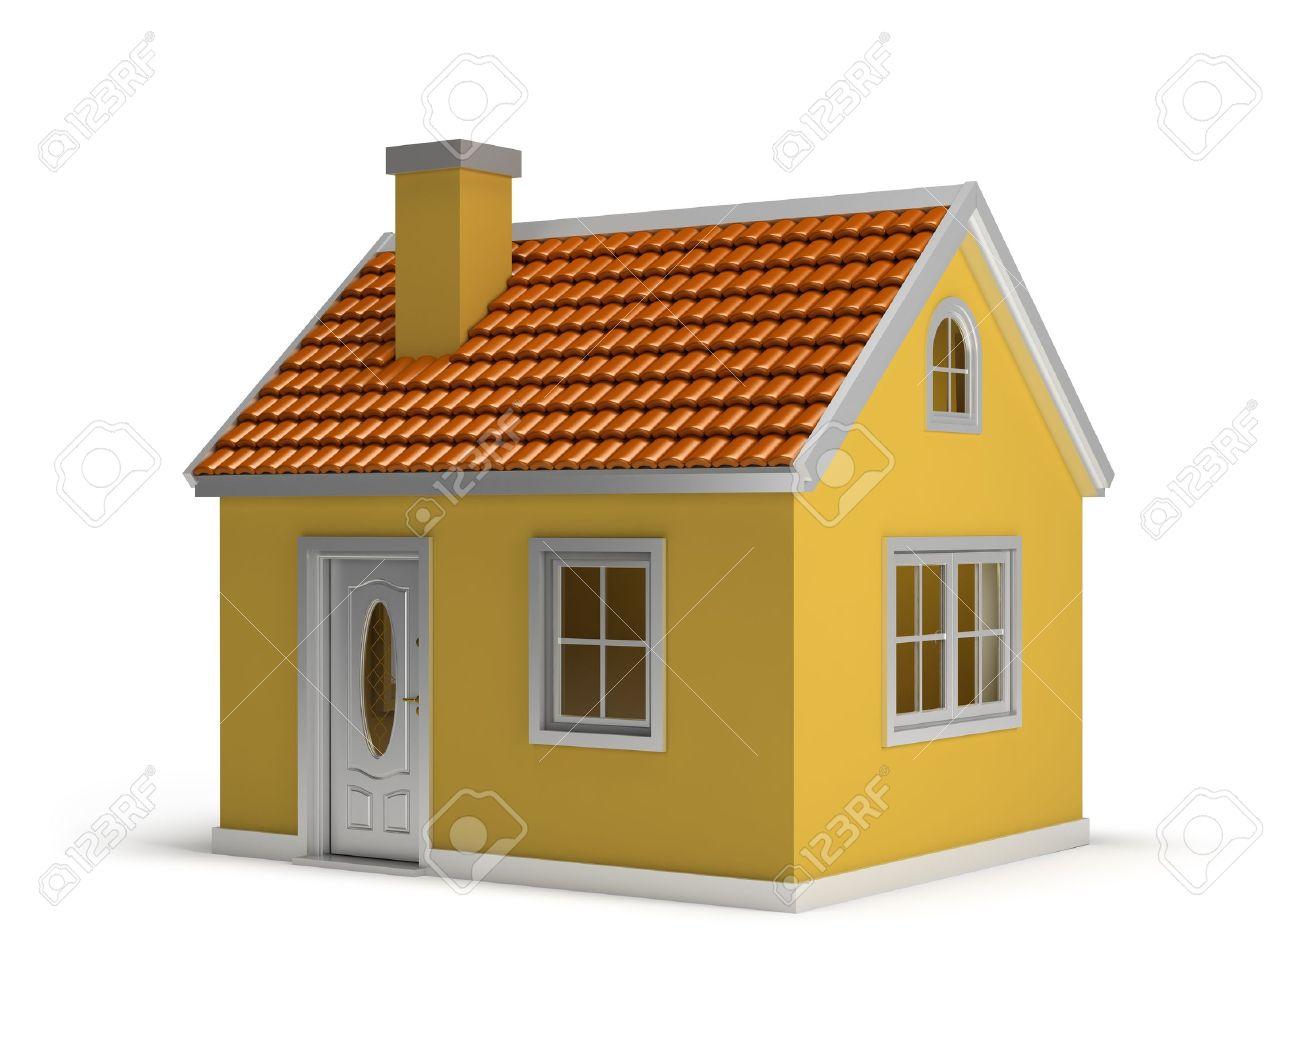 Banque dimages maison jaune image 3d isolé sur fond blanc